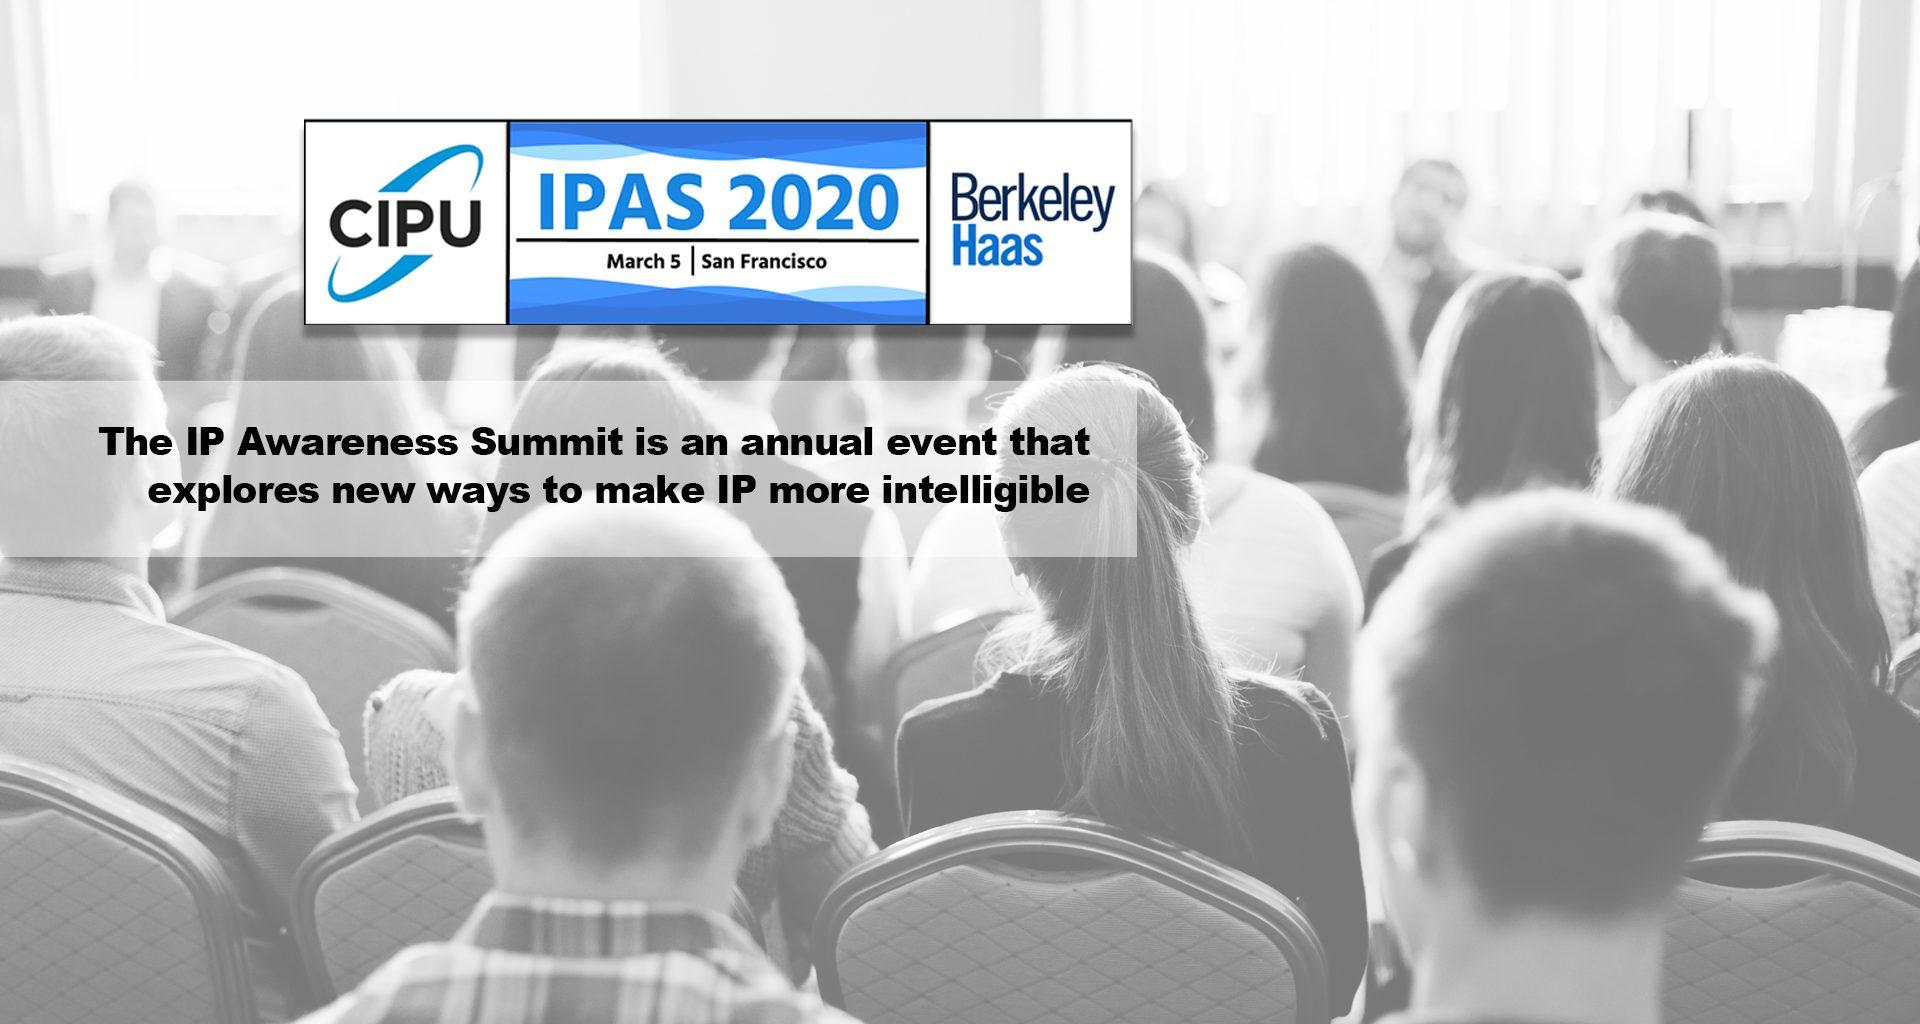 IPAS 2020